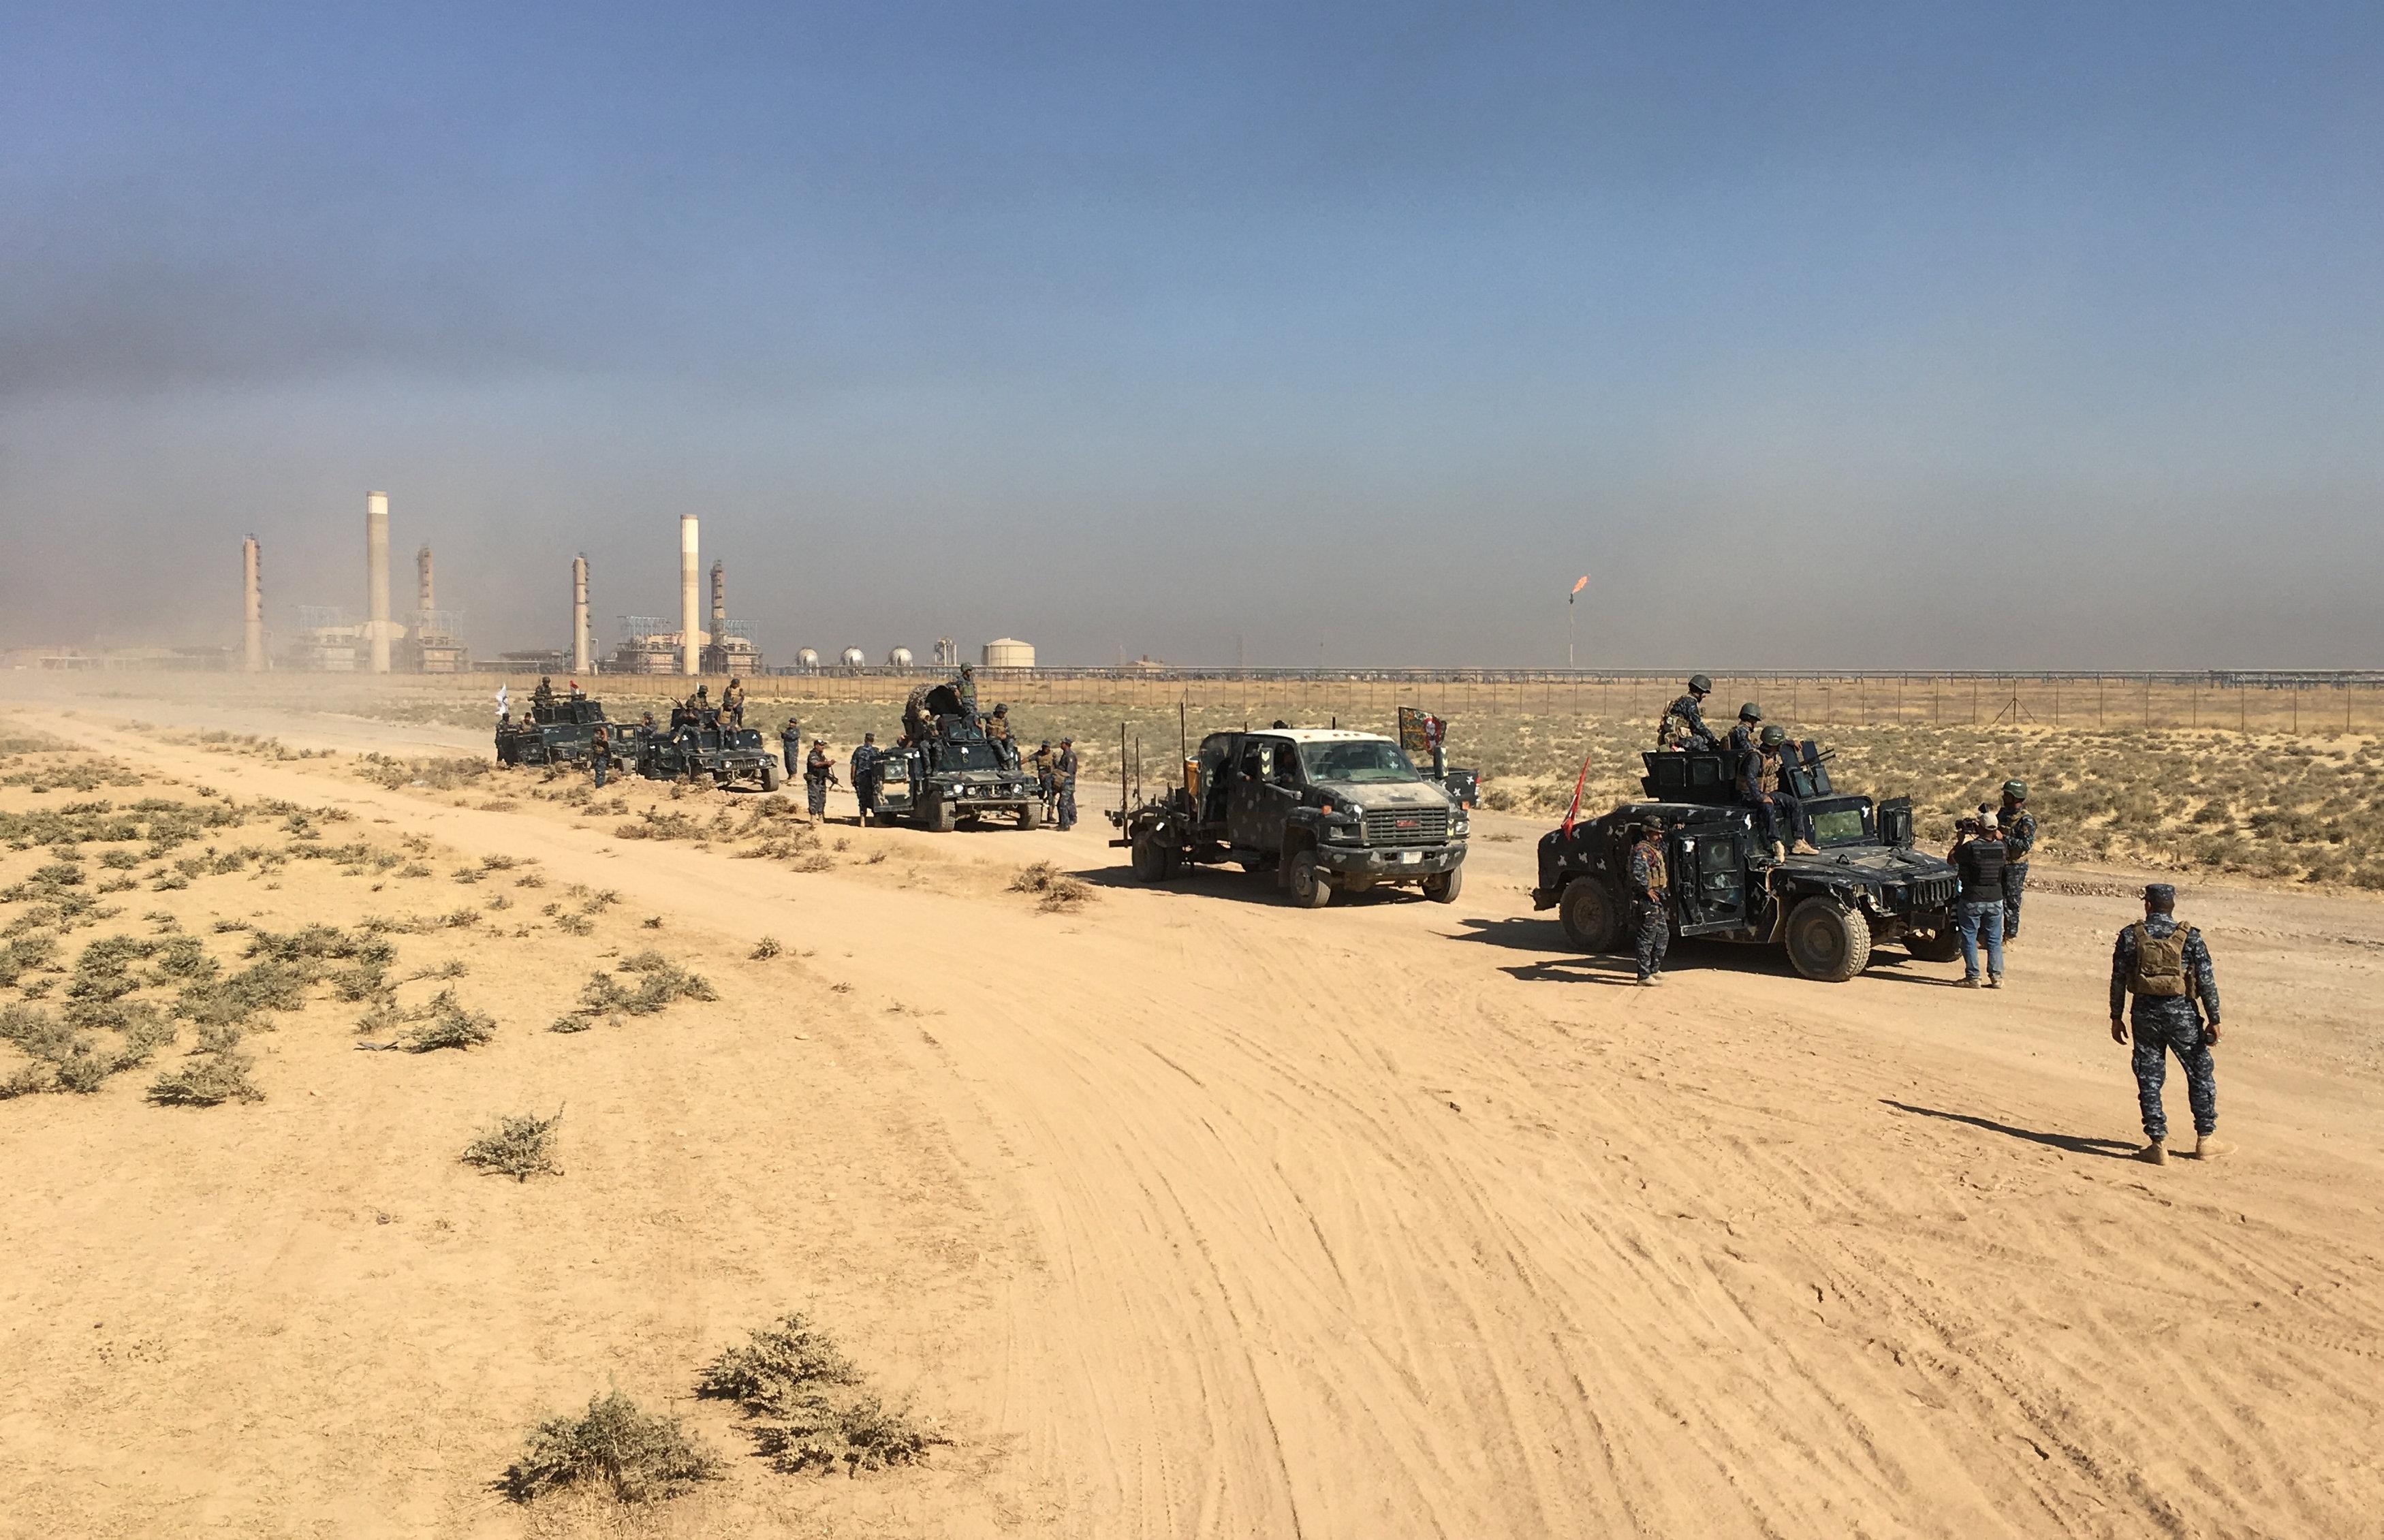 انطلاق عملية أمنية كبرى لتطهير صحراء غرب الأنبار بالعراق من داعش